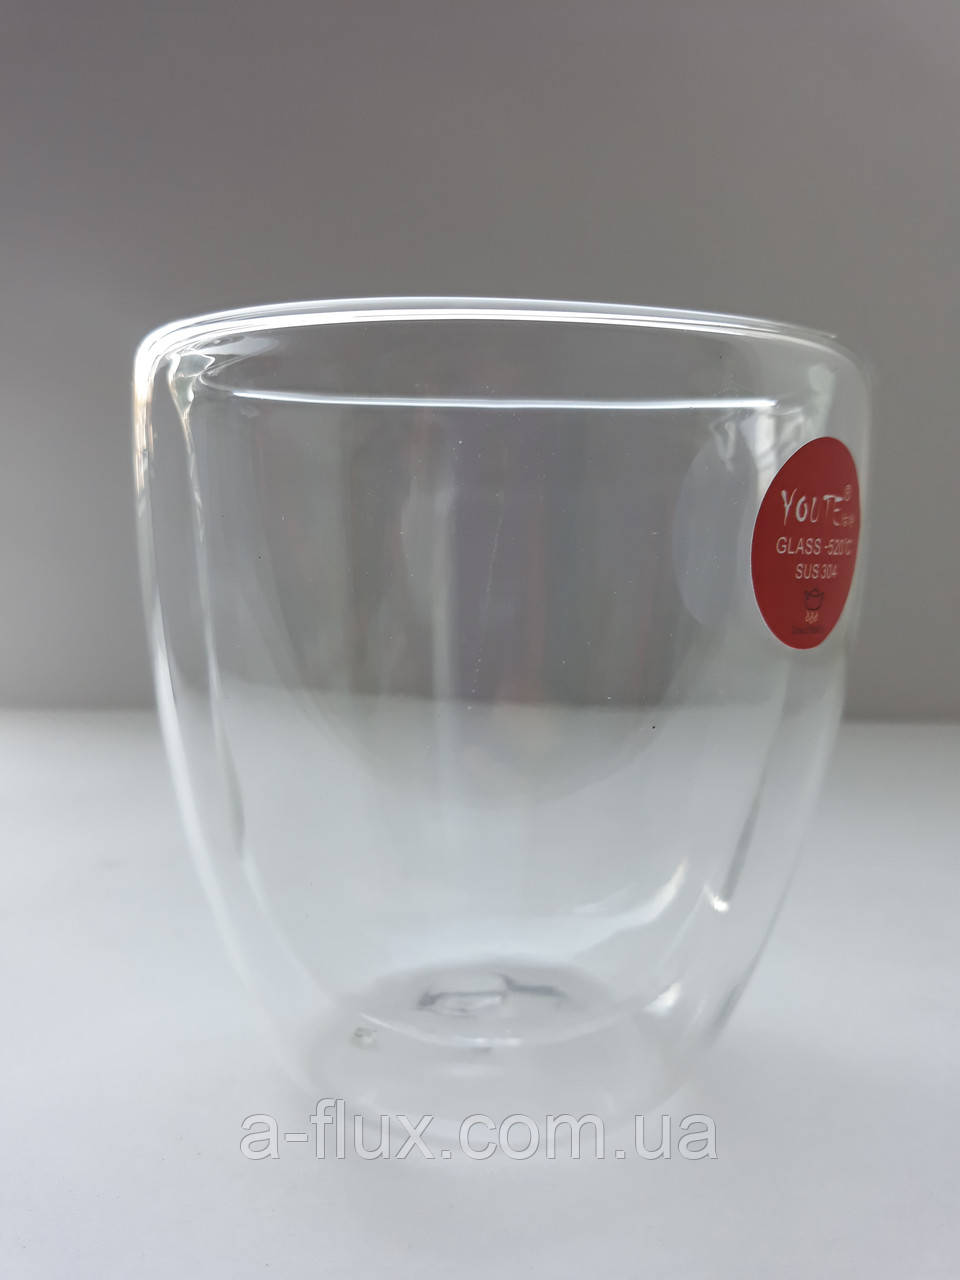 Стакан для кофе и чая с двойной стенкой без ручки стекло 250 мл Гейша 16780-5